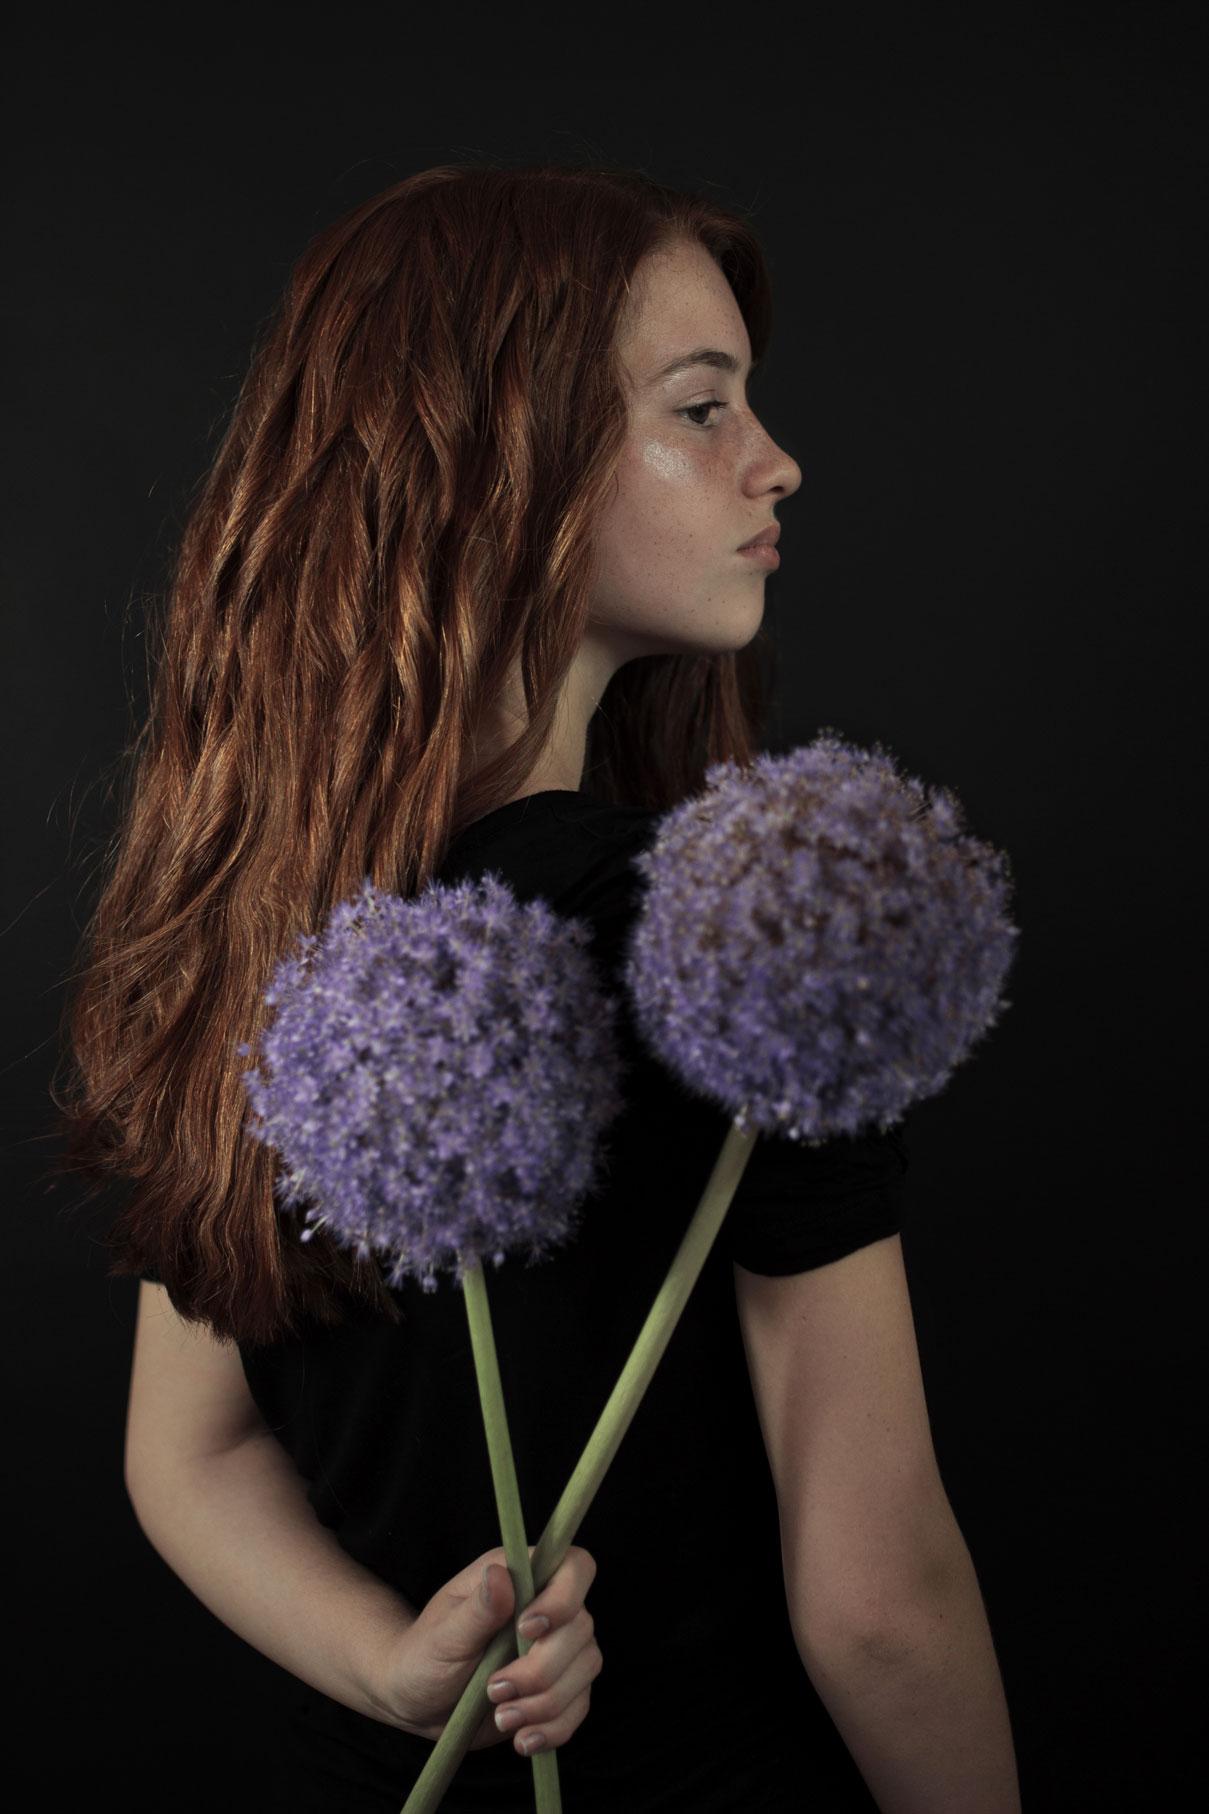 jeune fille aux longs cheveux roux de dos avec deux grandes fleurs violettes